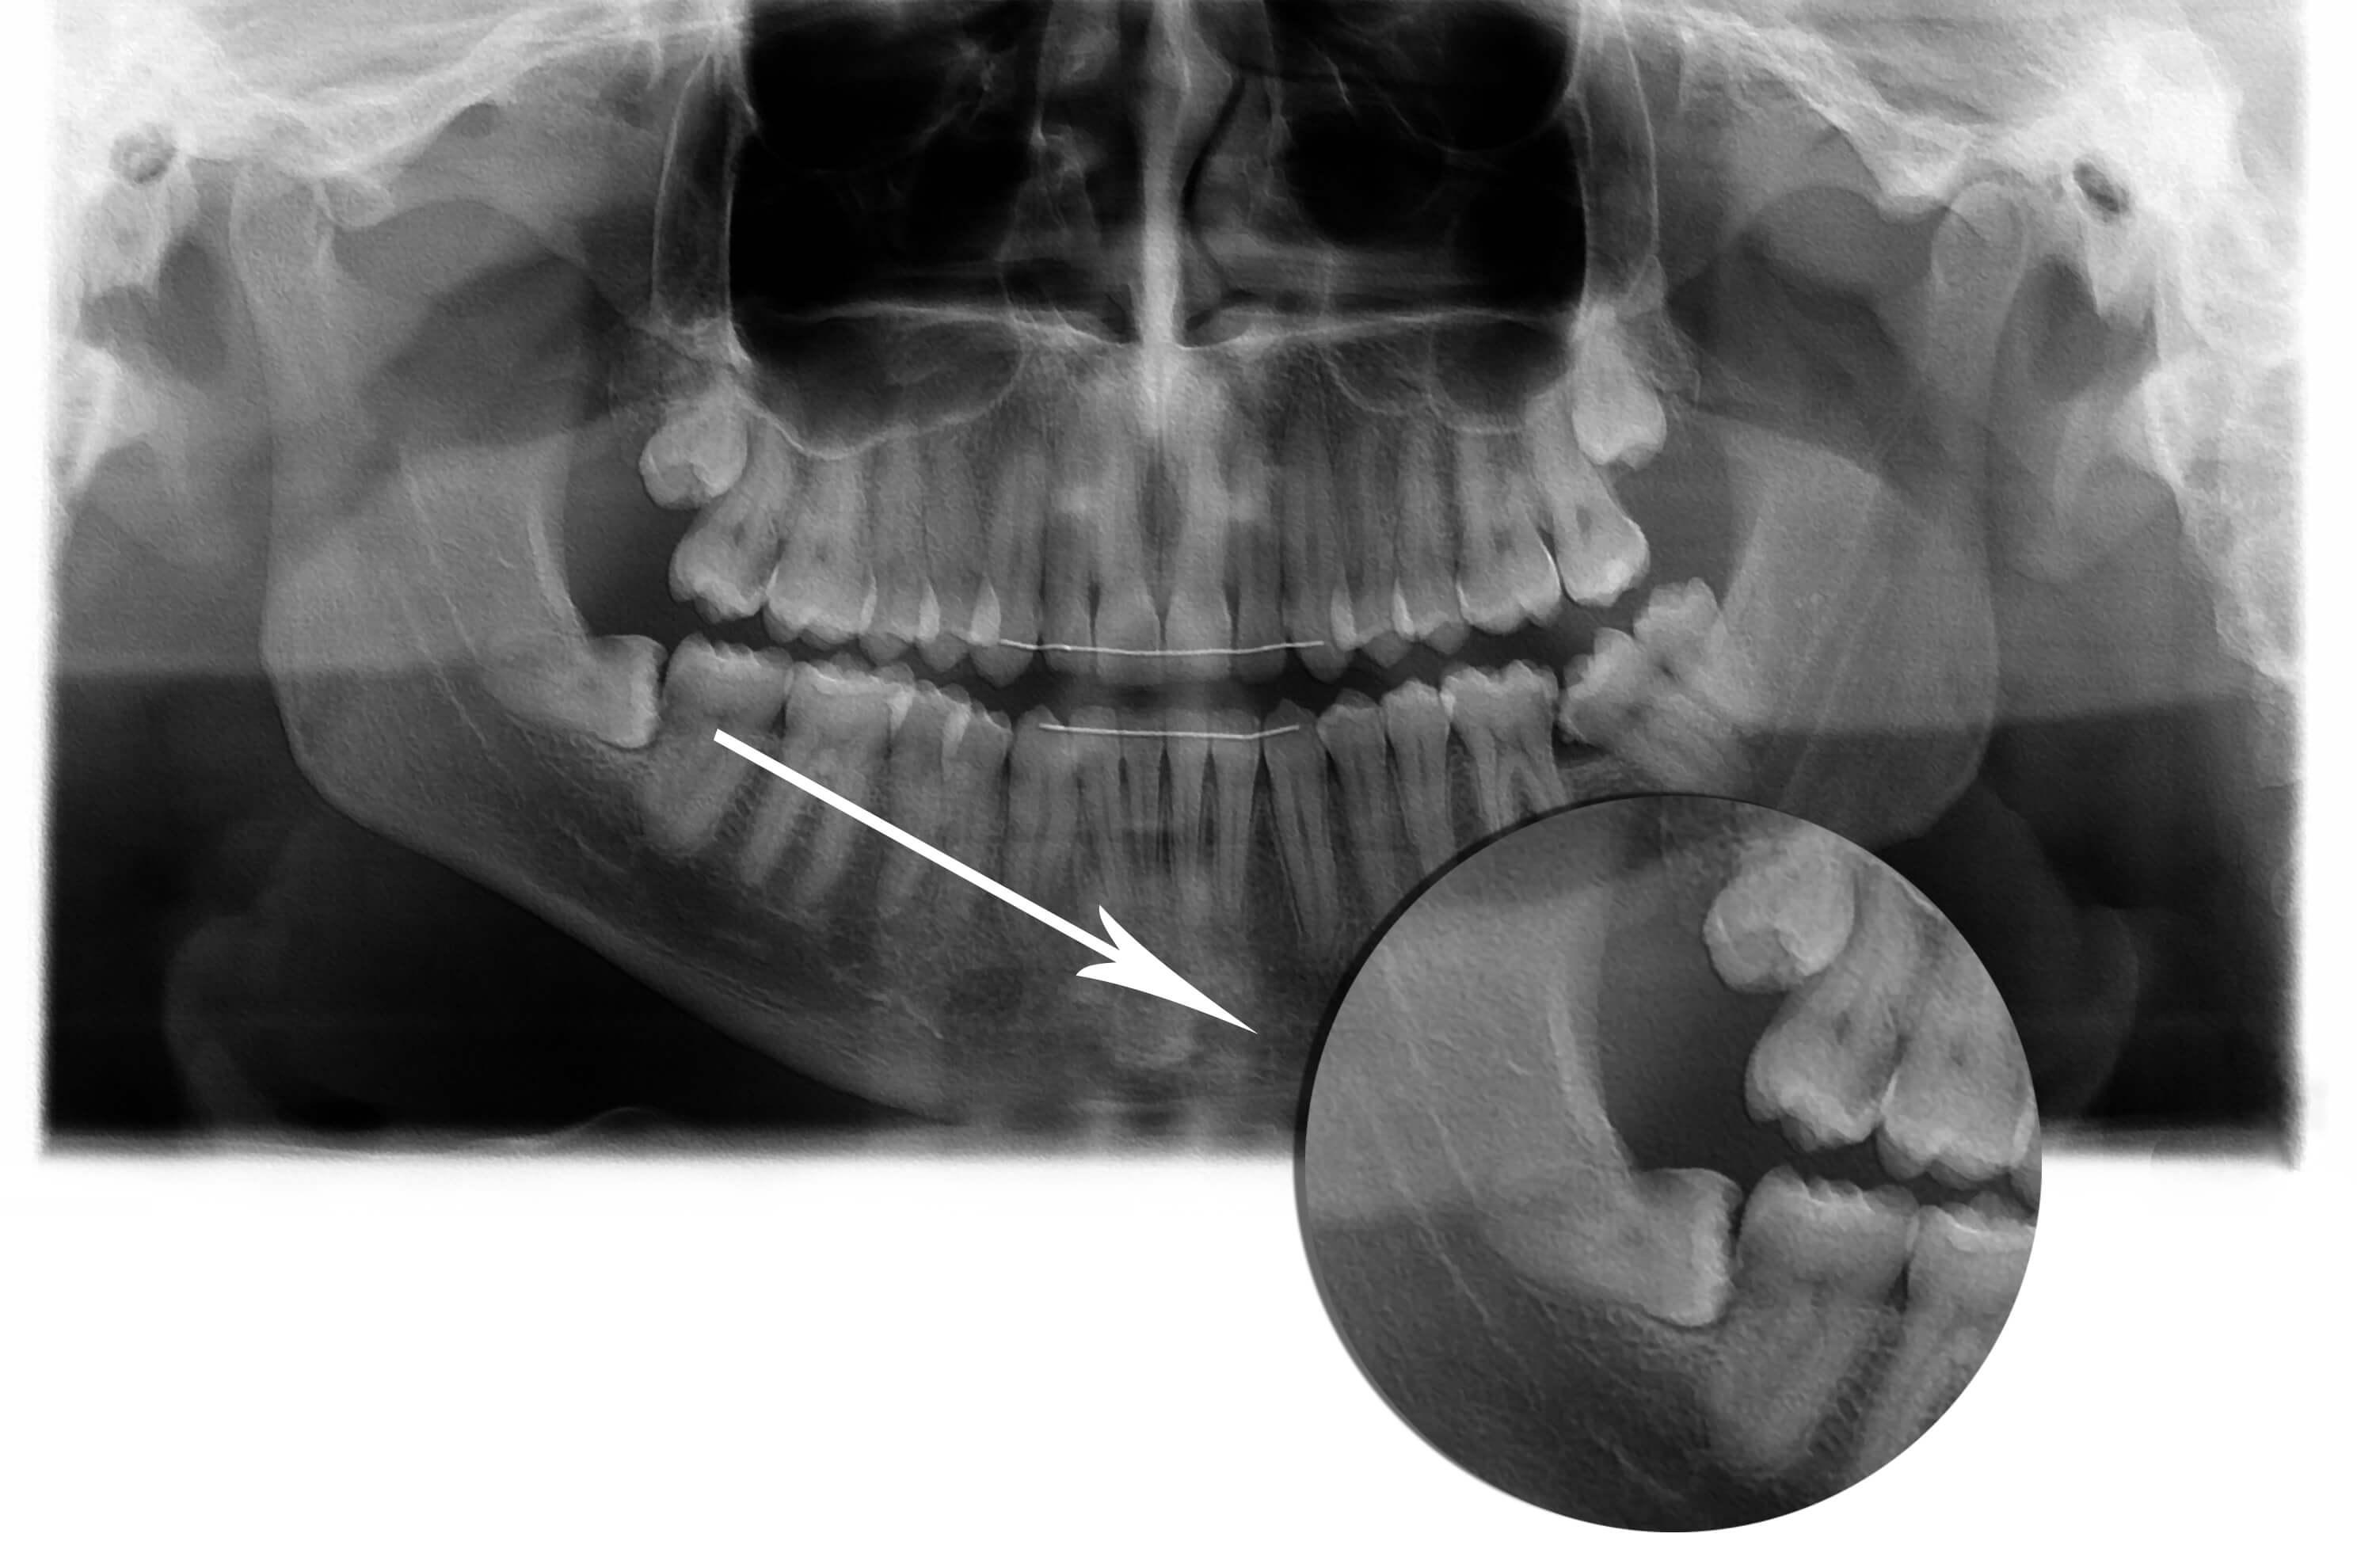 עקירות וטיפולים כירוגיים / עקירת שיני בינה כלואות